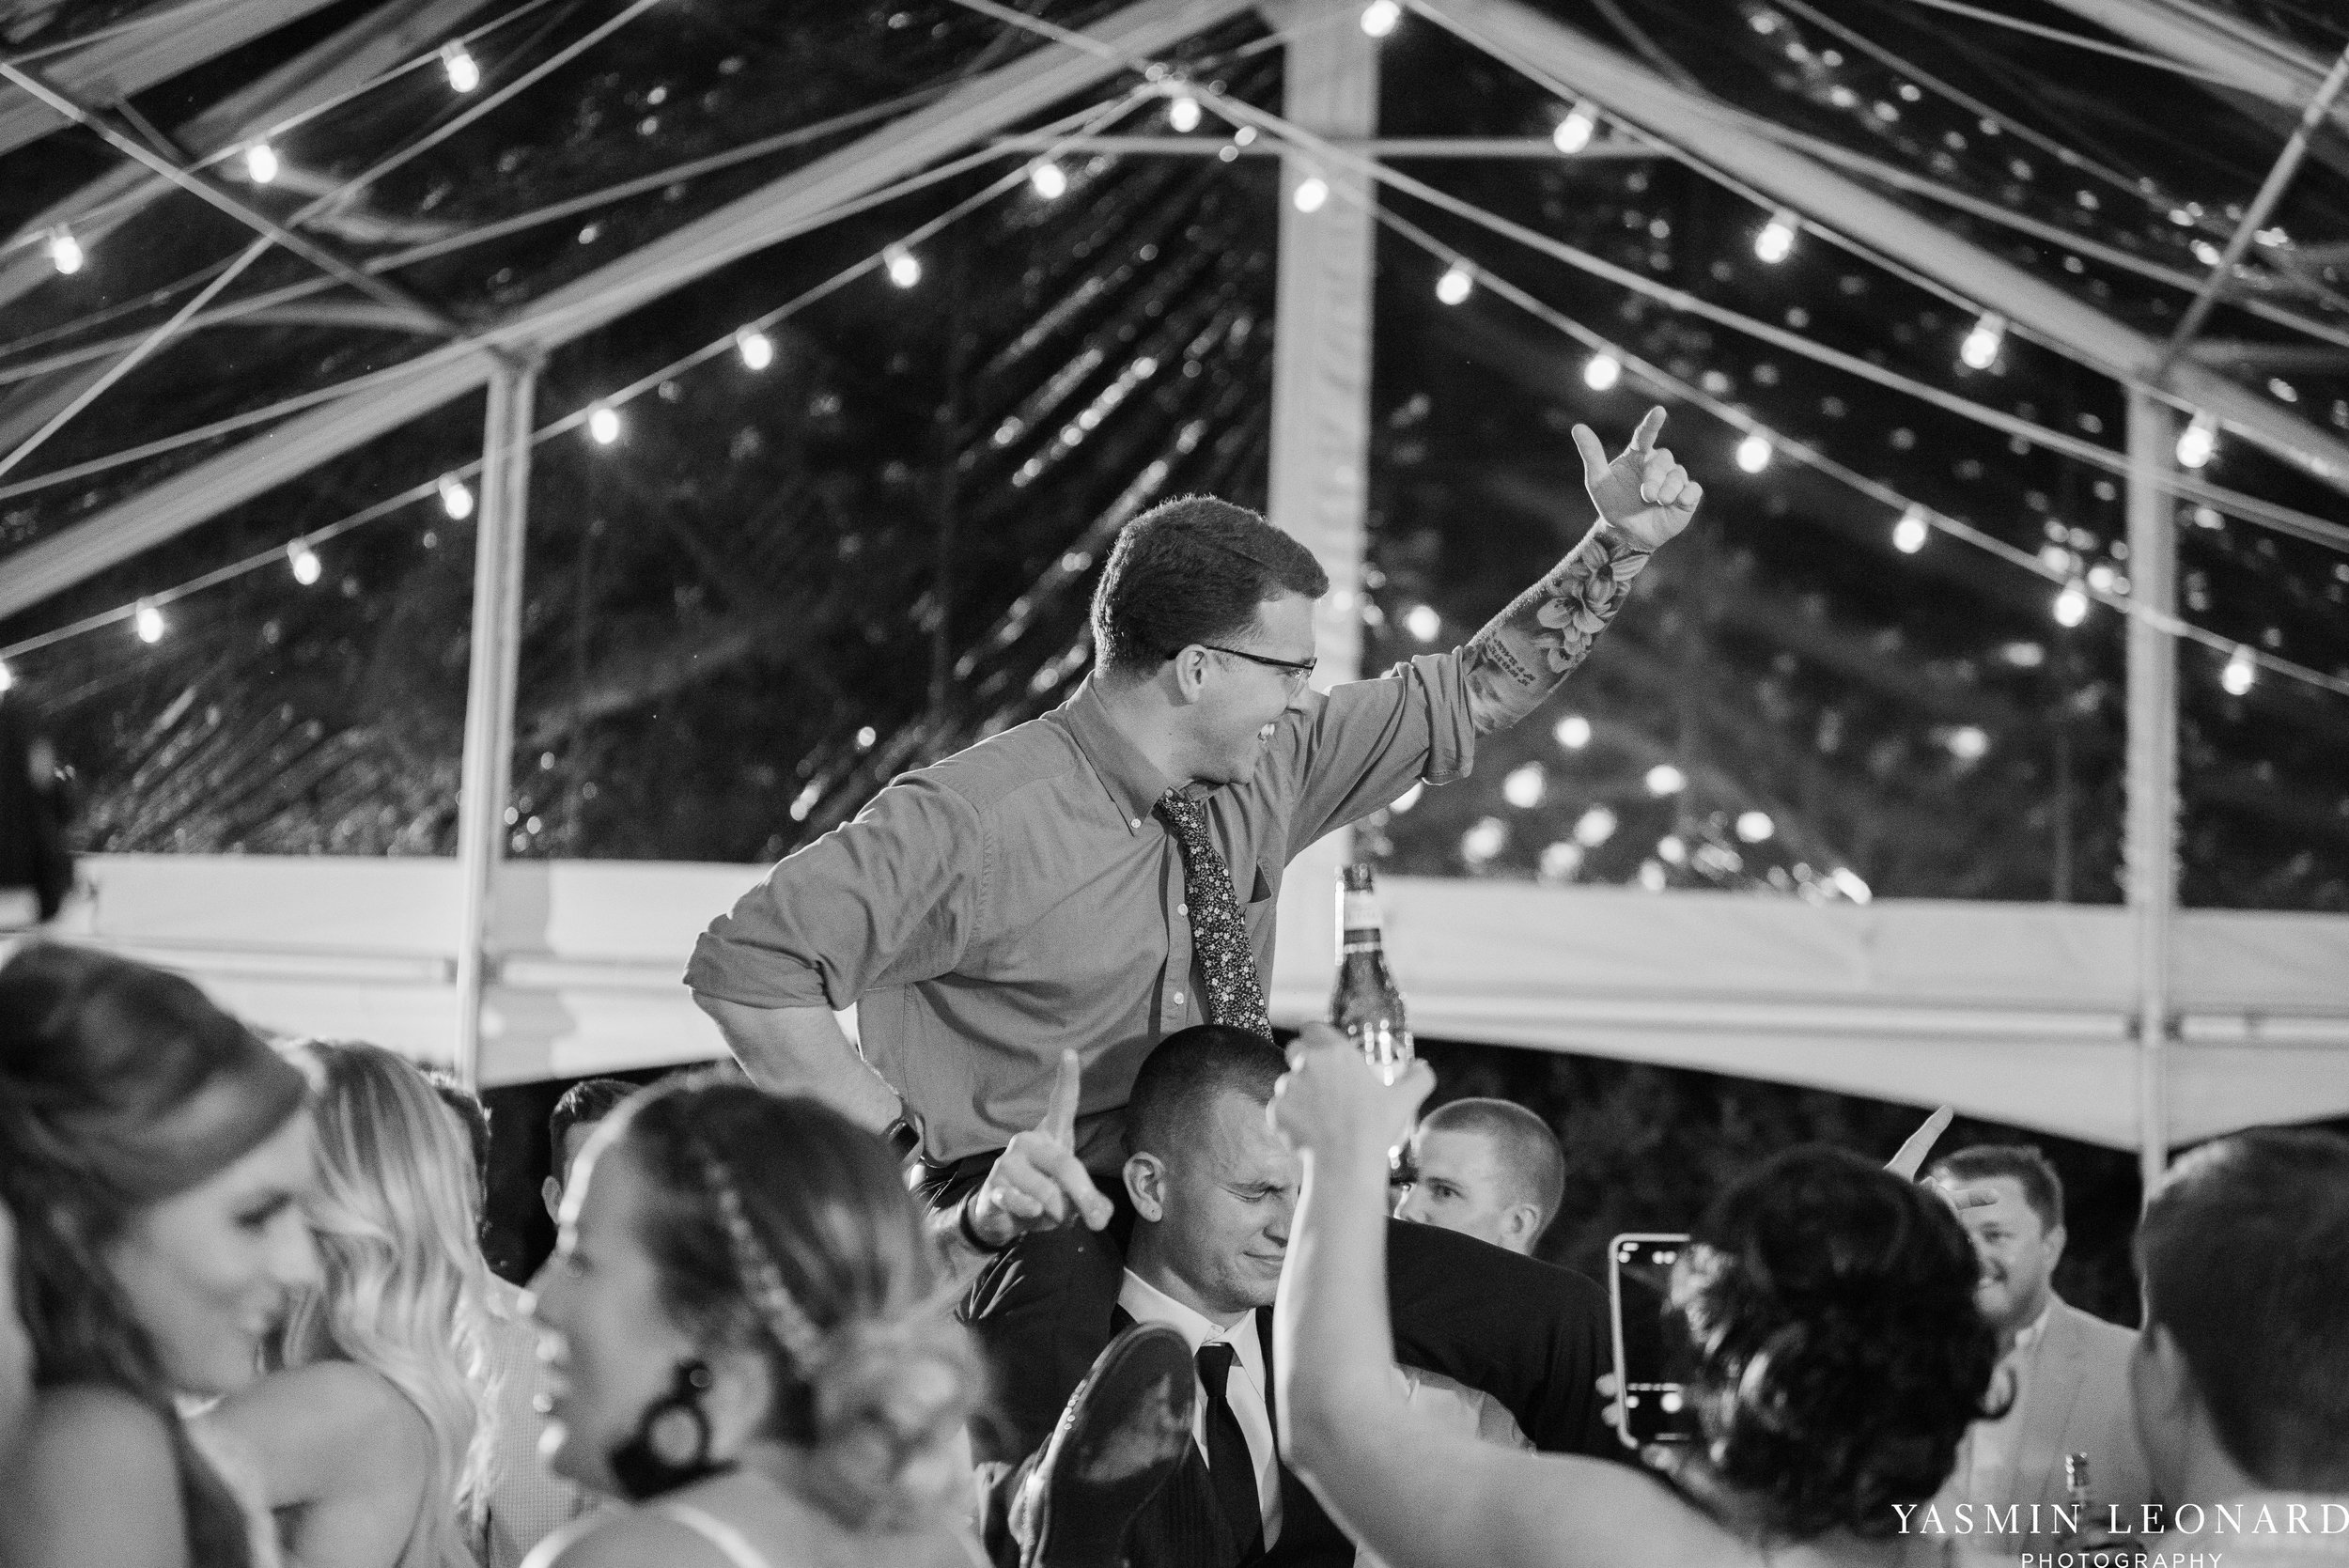 Boxwood Estate - Boxwood Estate Wedding - Luxury Wedding - Black and White Wedding - NC Wedding Venues - NC Weddings - NC Photographer - Lantern Release Grand Exit - Large Wedding Party - Yasmin Leonard Photography-77.jpg